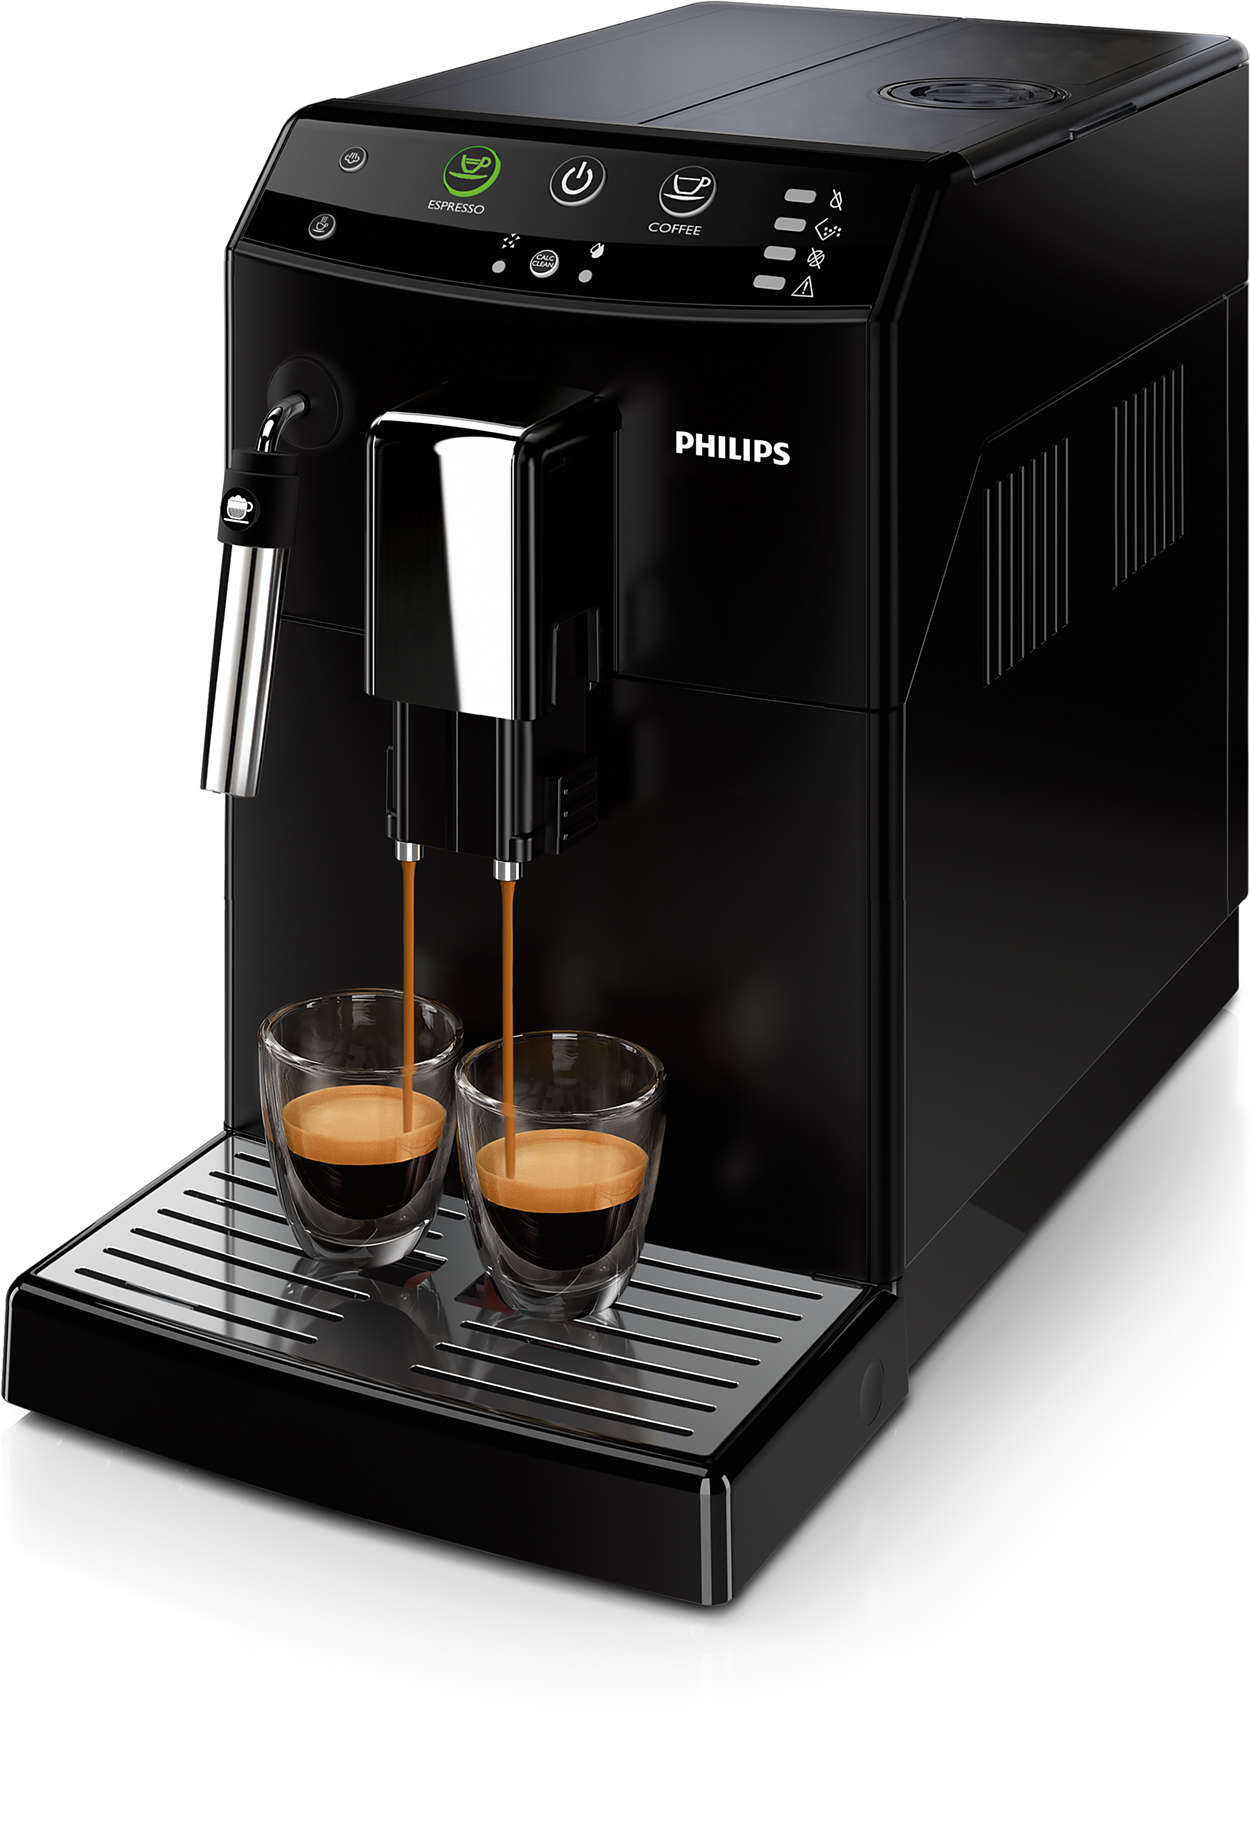 Tu café preferido a tan solo un toque